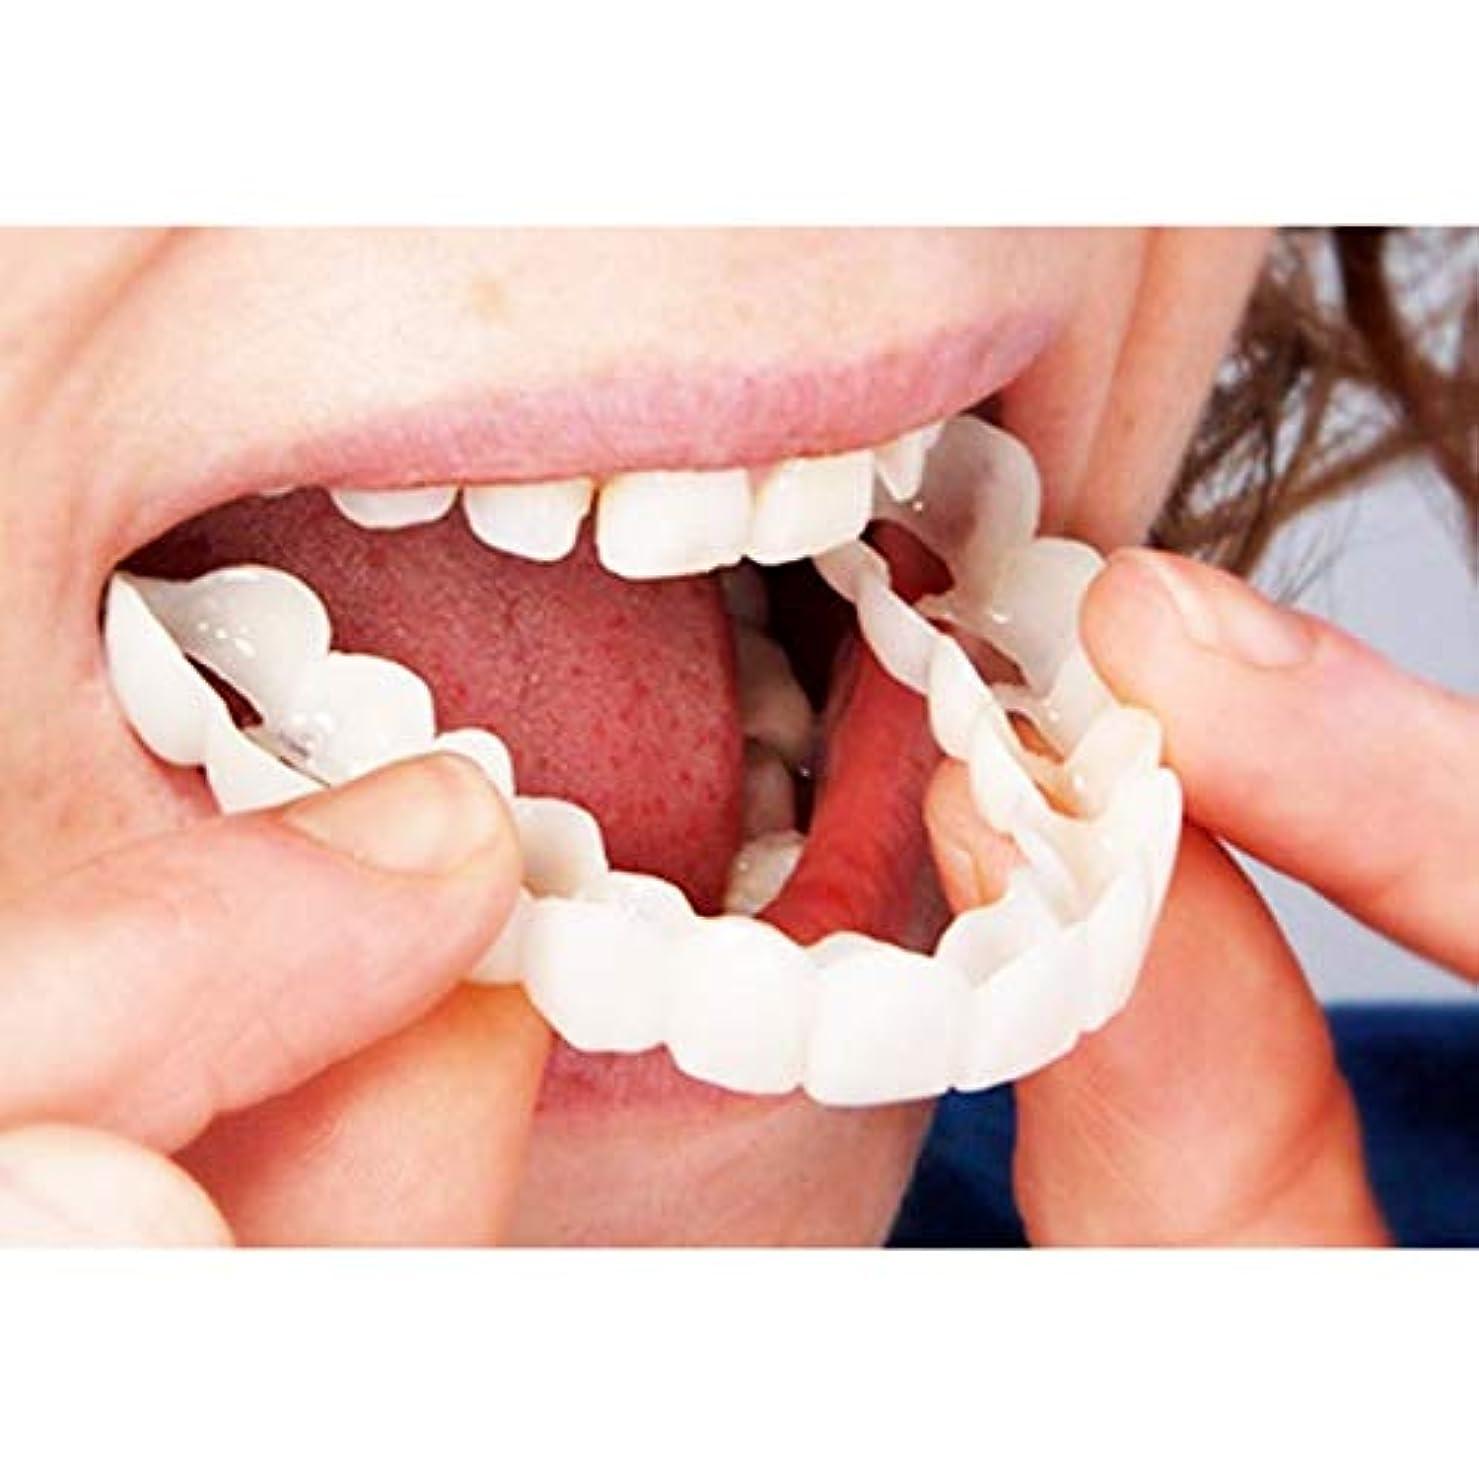 備品証人病弱BSTOPSEL 1PC 一時的な歯の義歯の歯の上の化粧品の歯科ベニヤの歯の入れ歯